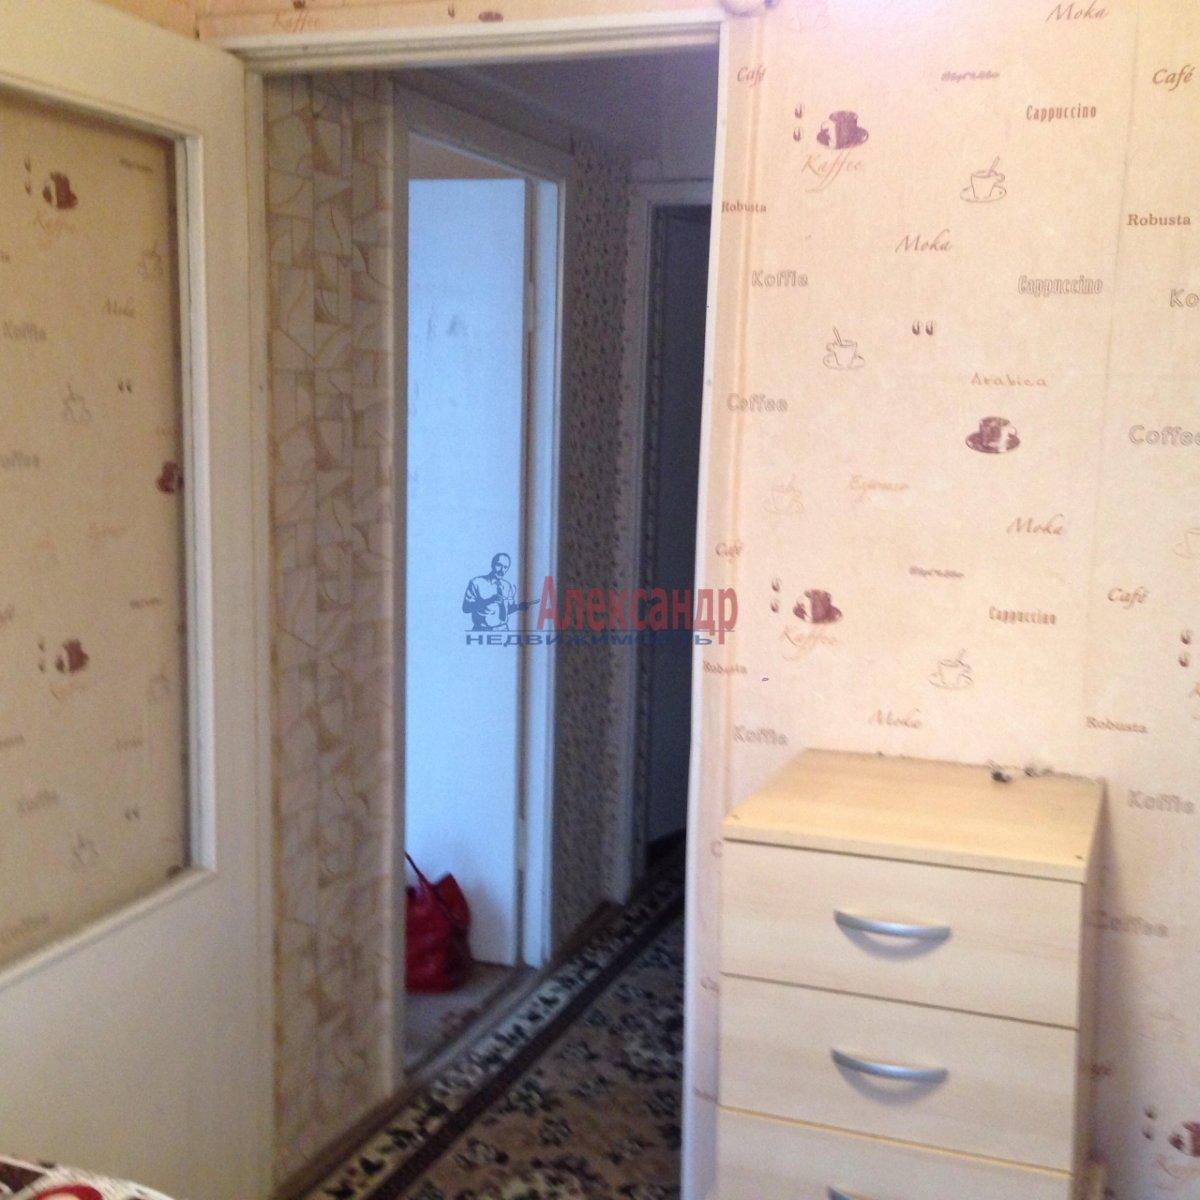 1-комнатная квартира (36м2) в аренду по адресу Карпинского ул., 31— фото 5 из 7